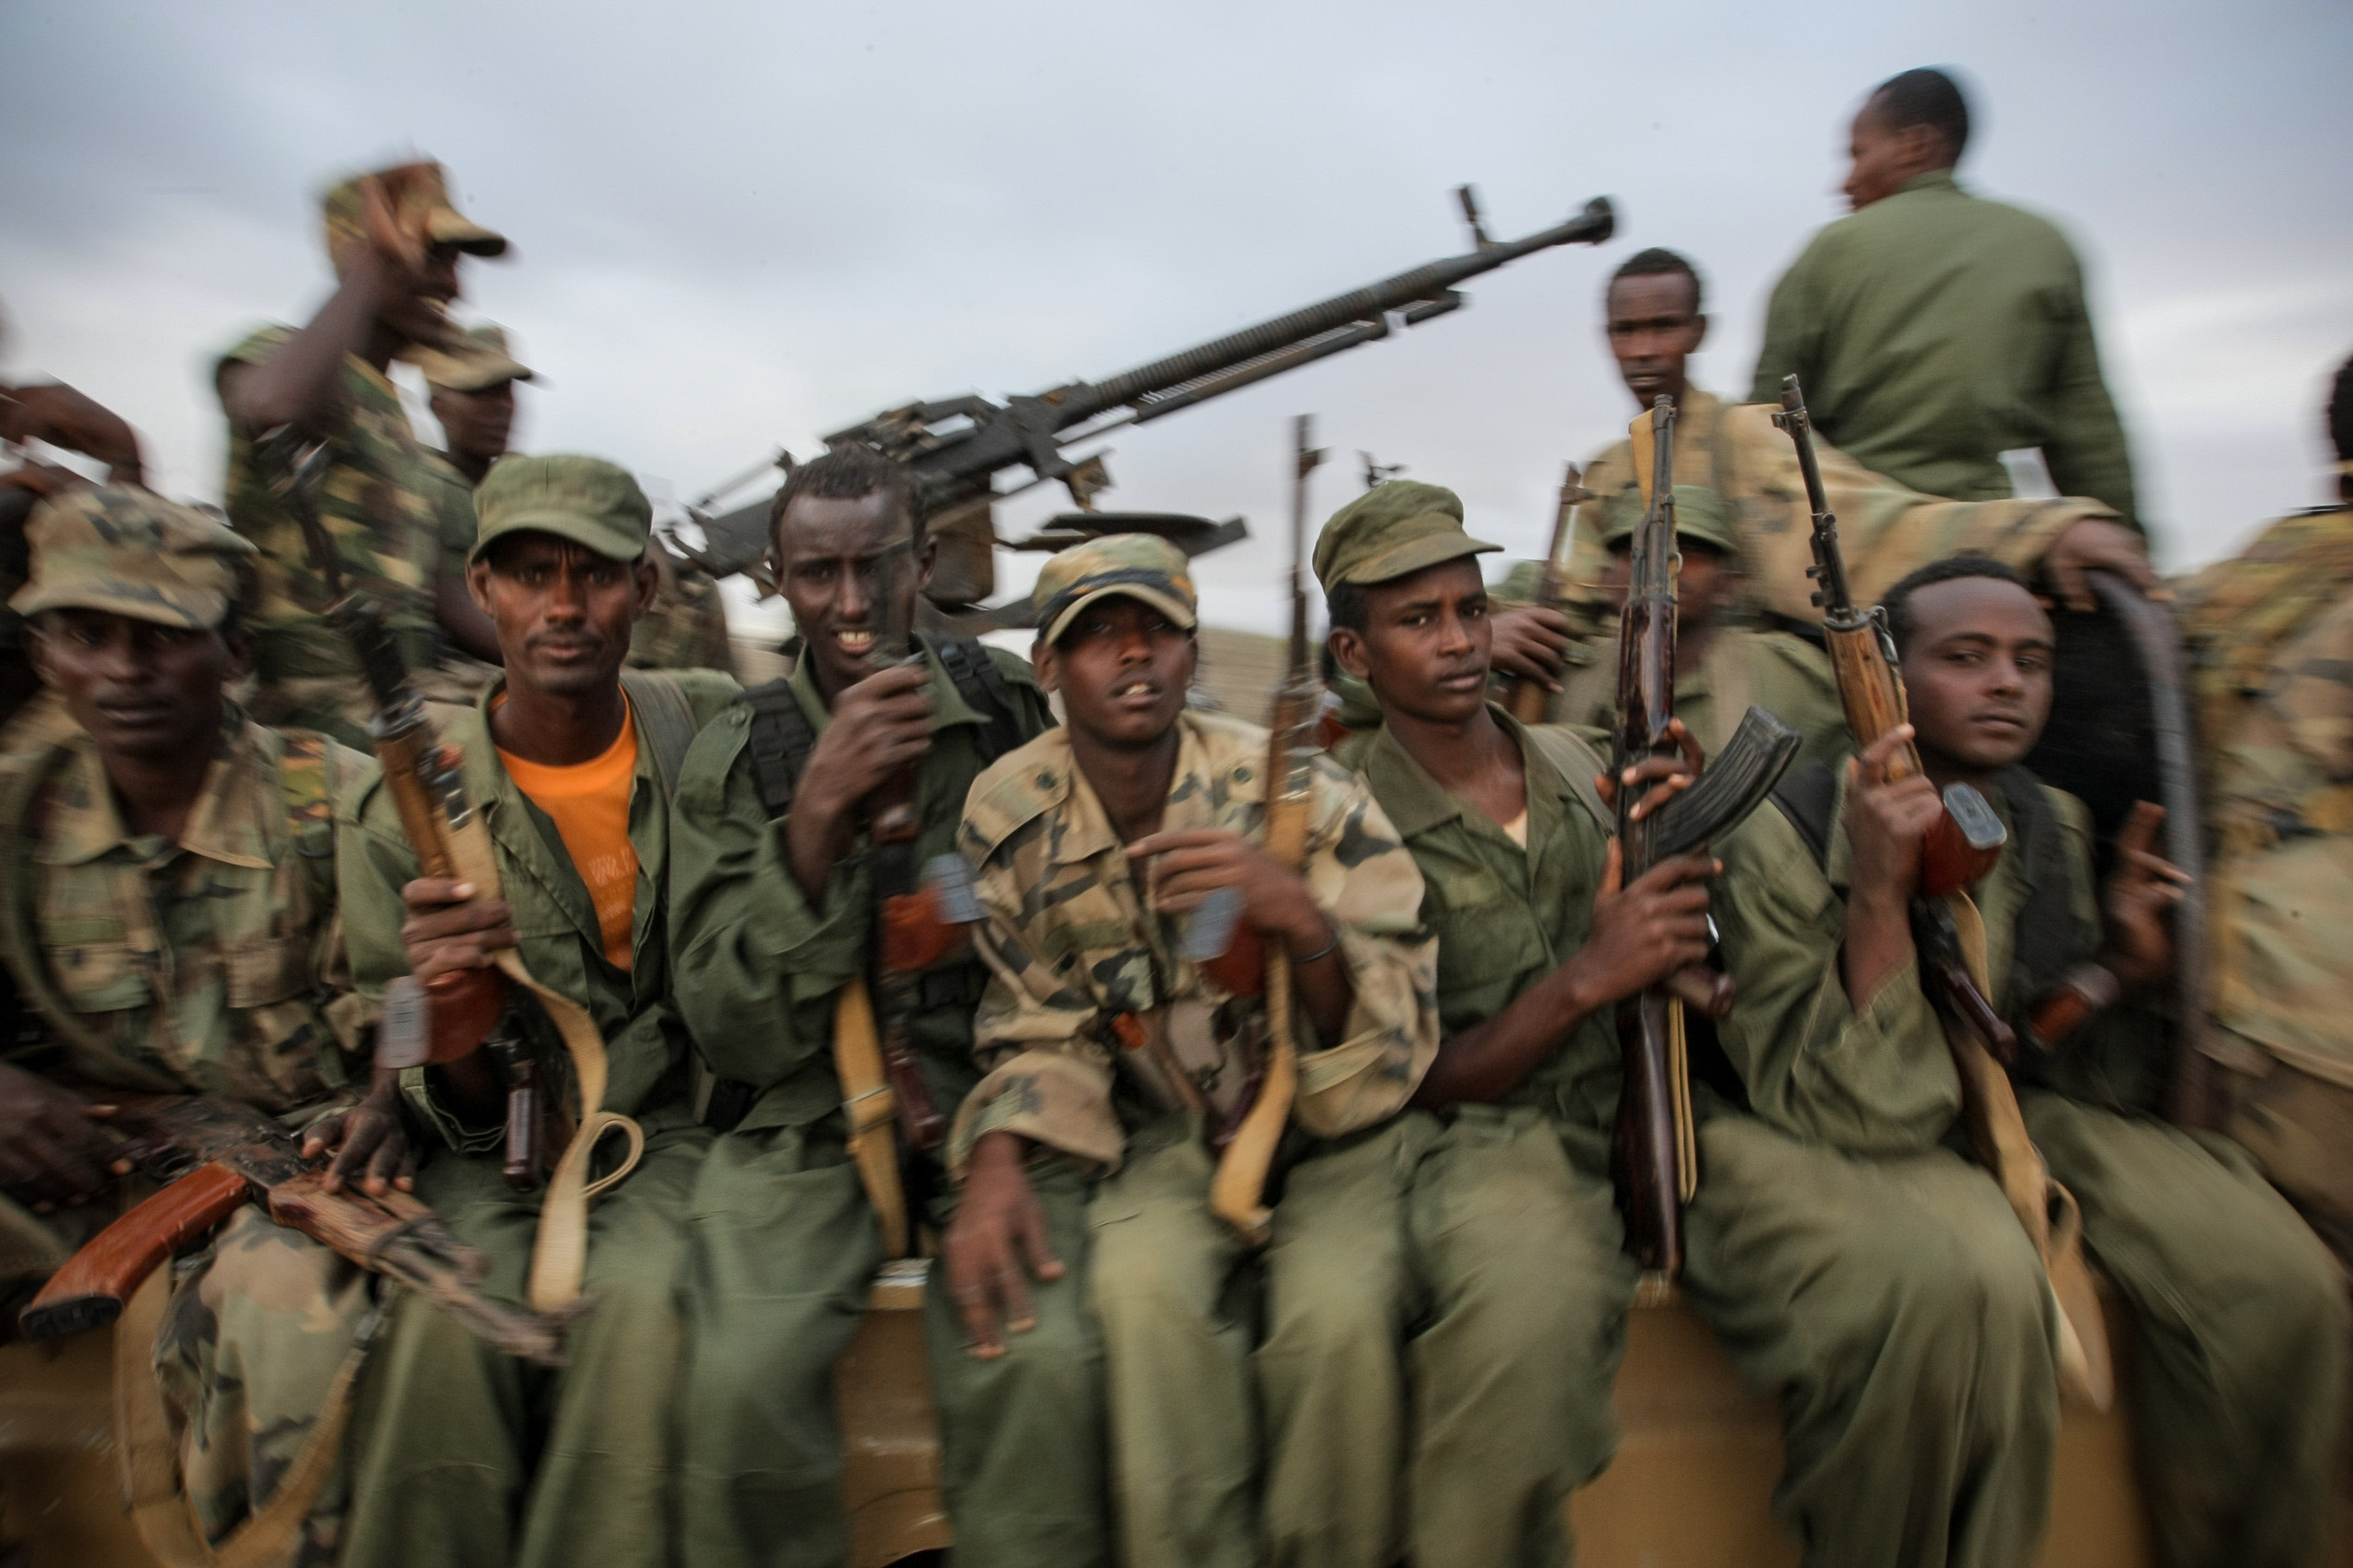 Amisom kismayo advance 07 photo